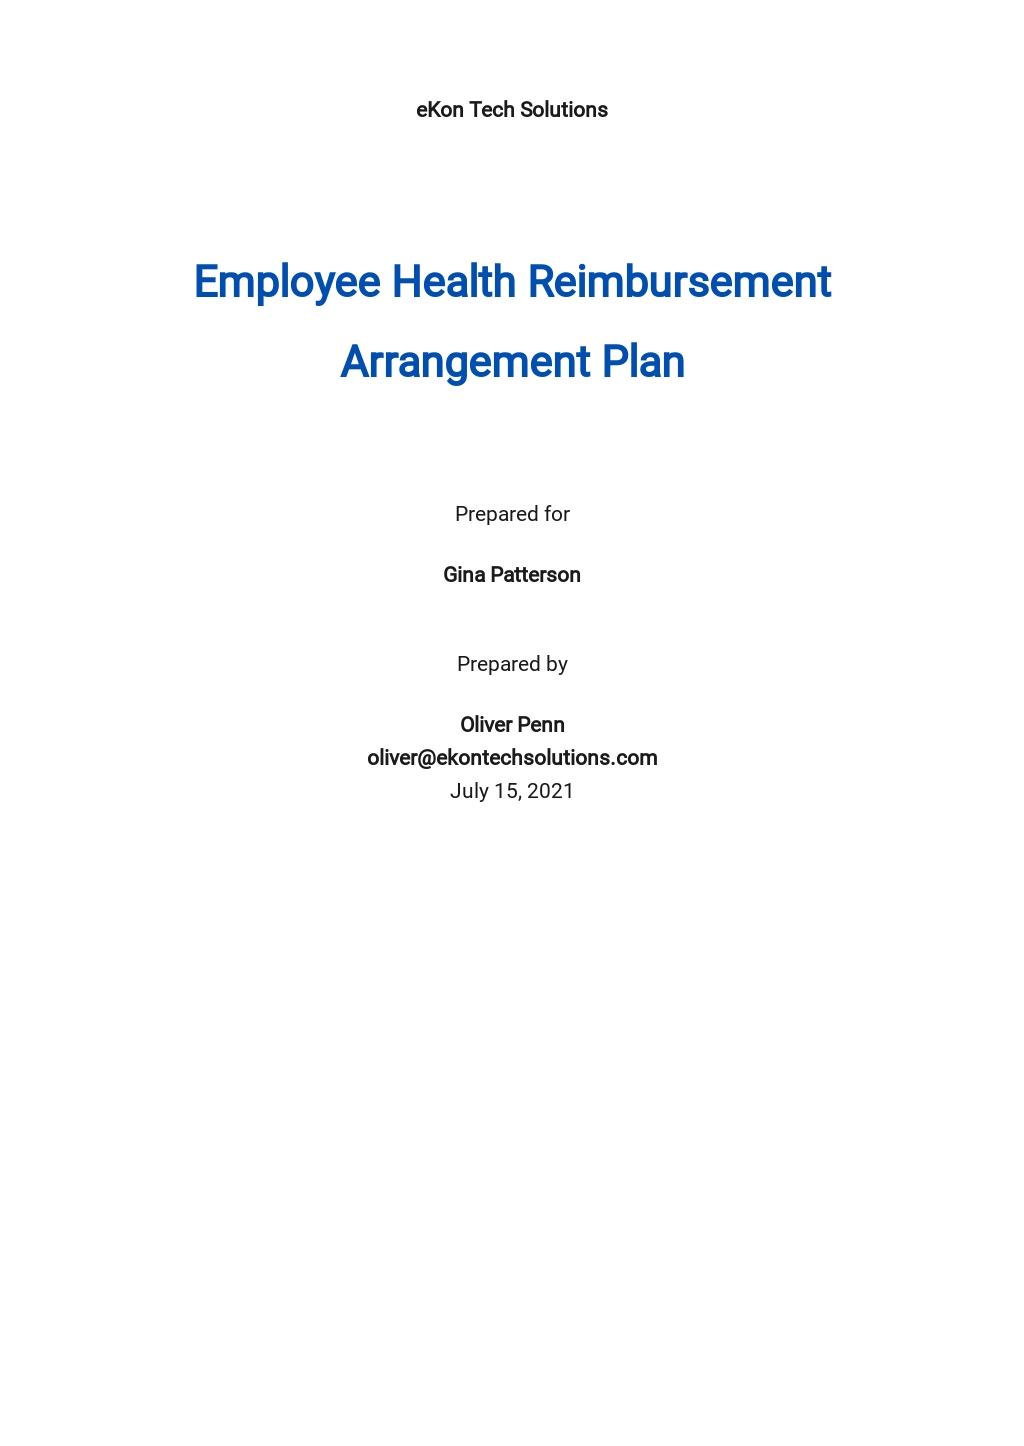 Health Reimbursement Arrangement Plan (HRA) Template